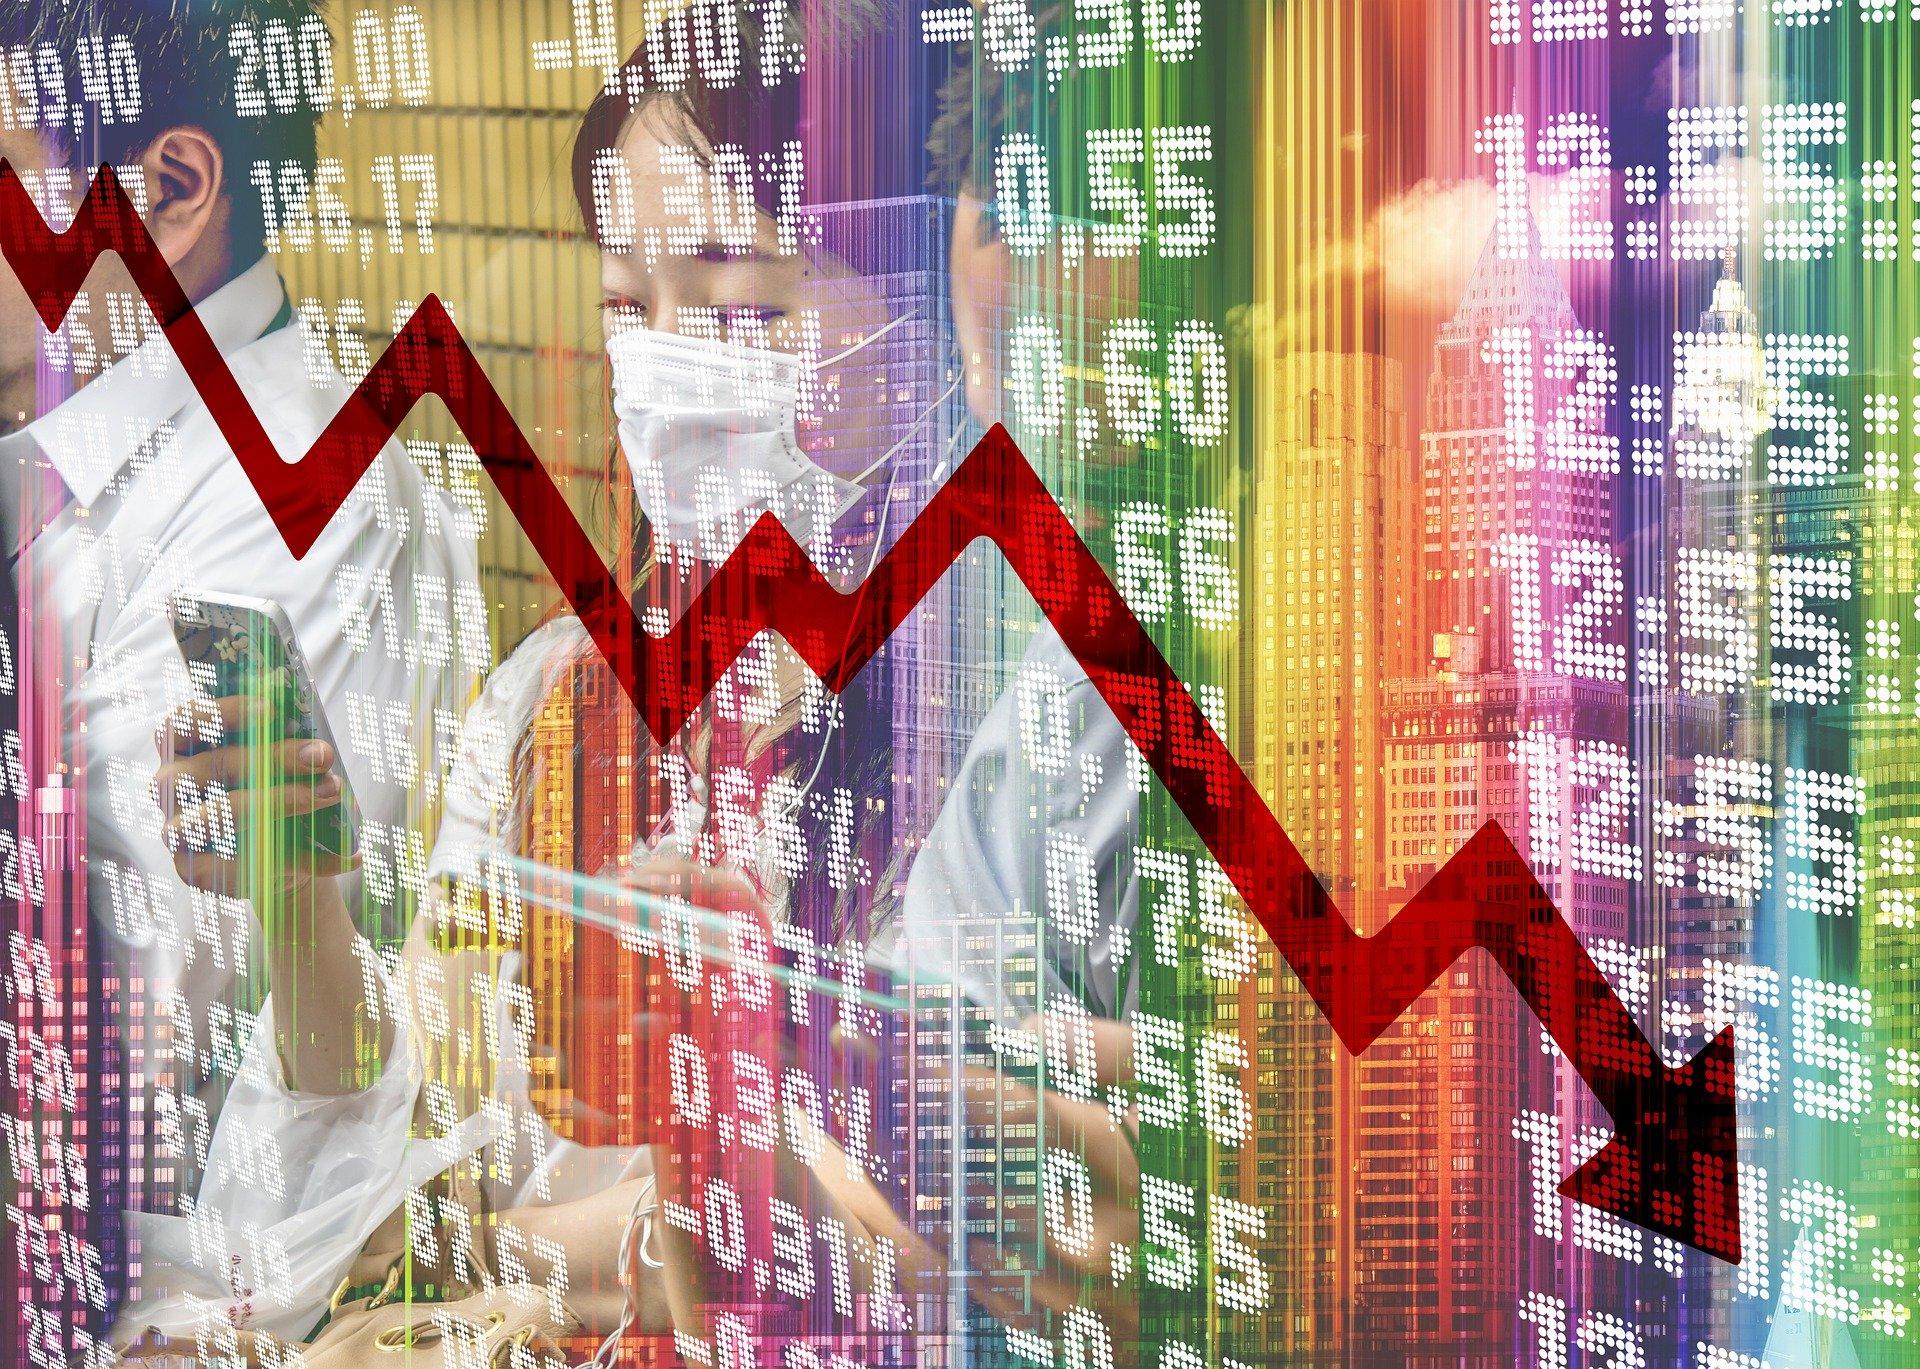 Faut-il fermer les marchés boursiers ?